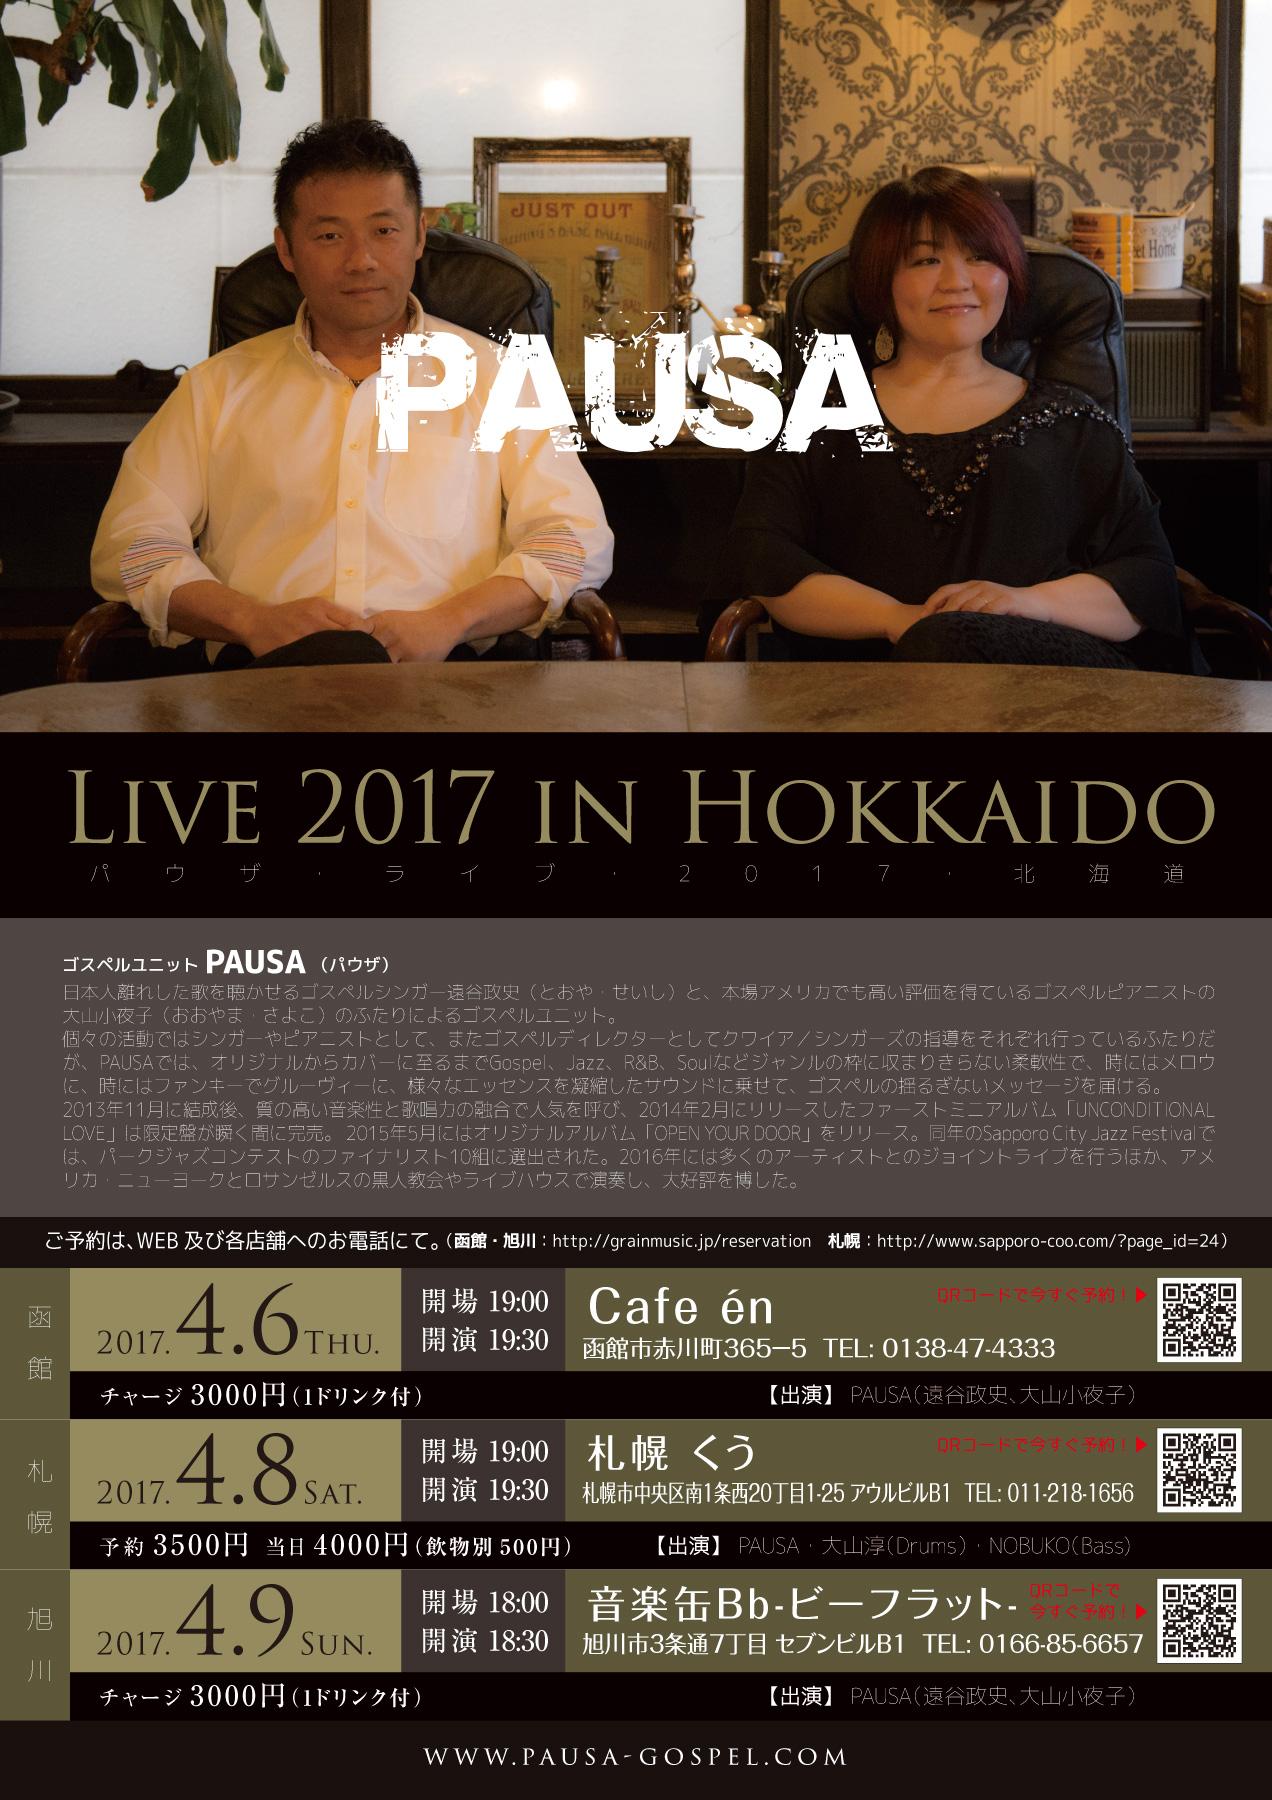 【終了】[2017.4.6 THU] PAUSA LIVE in 函館・Cafe en